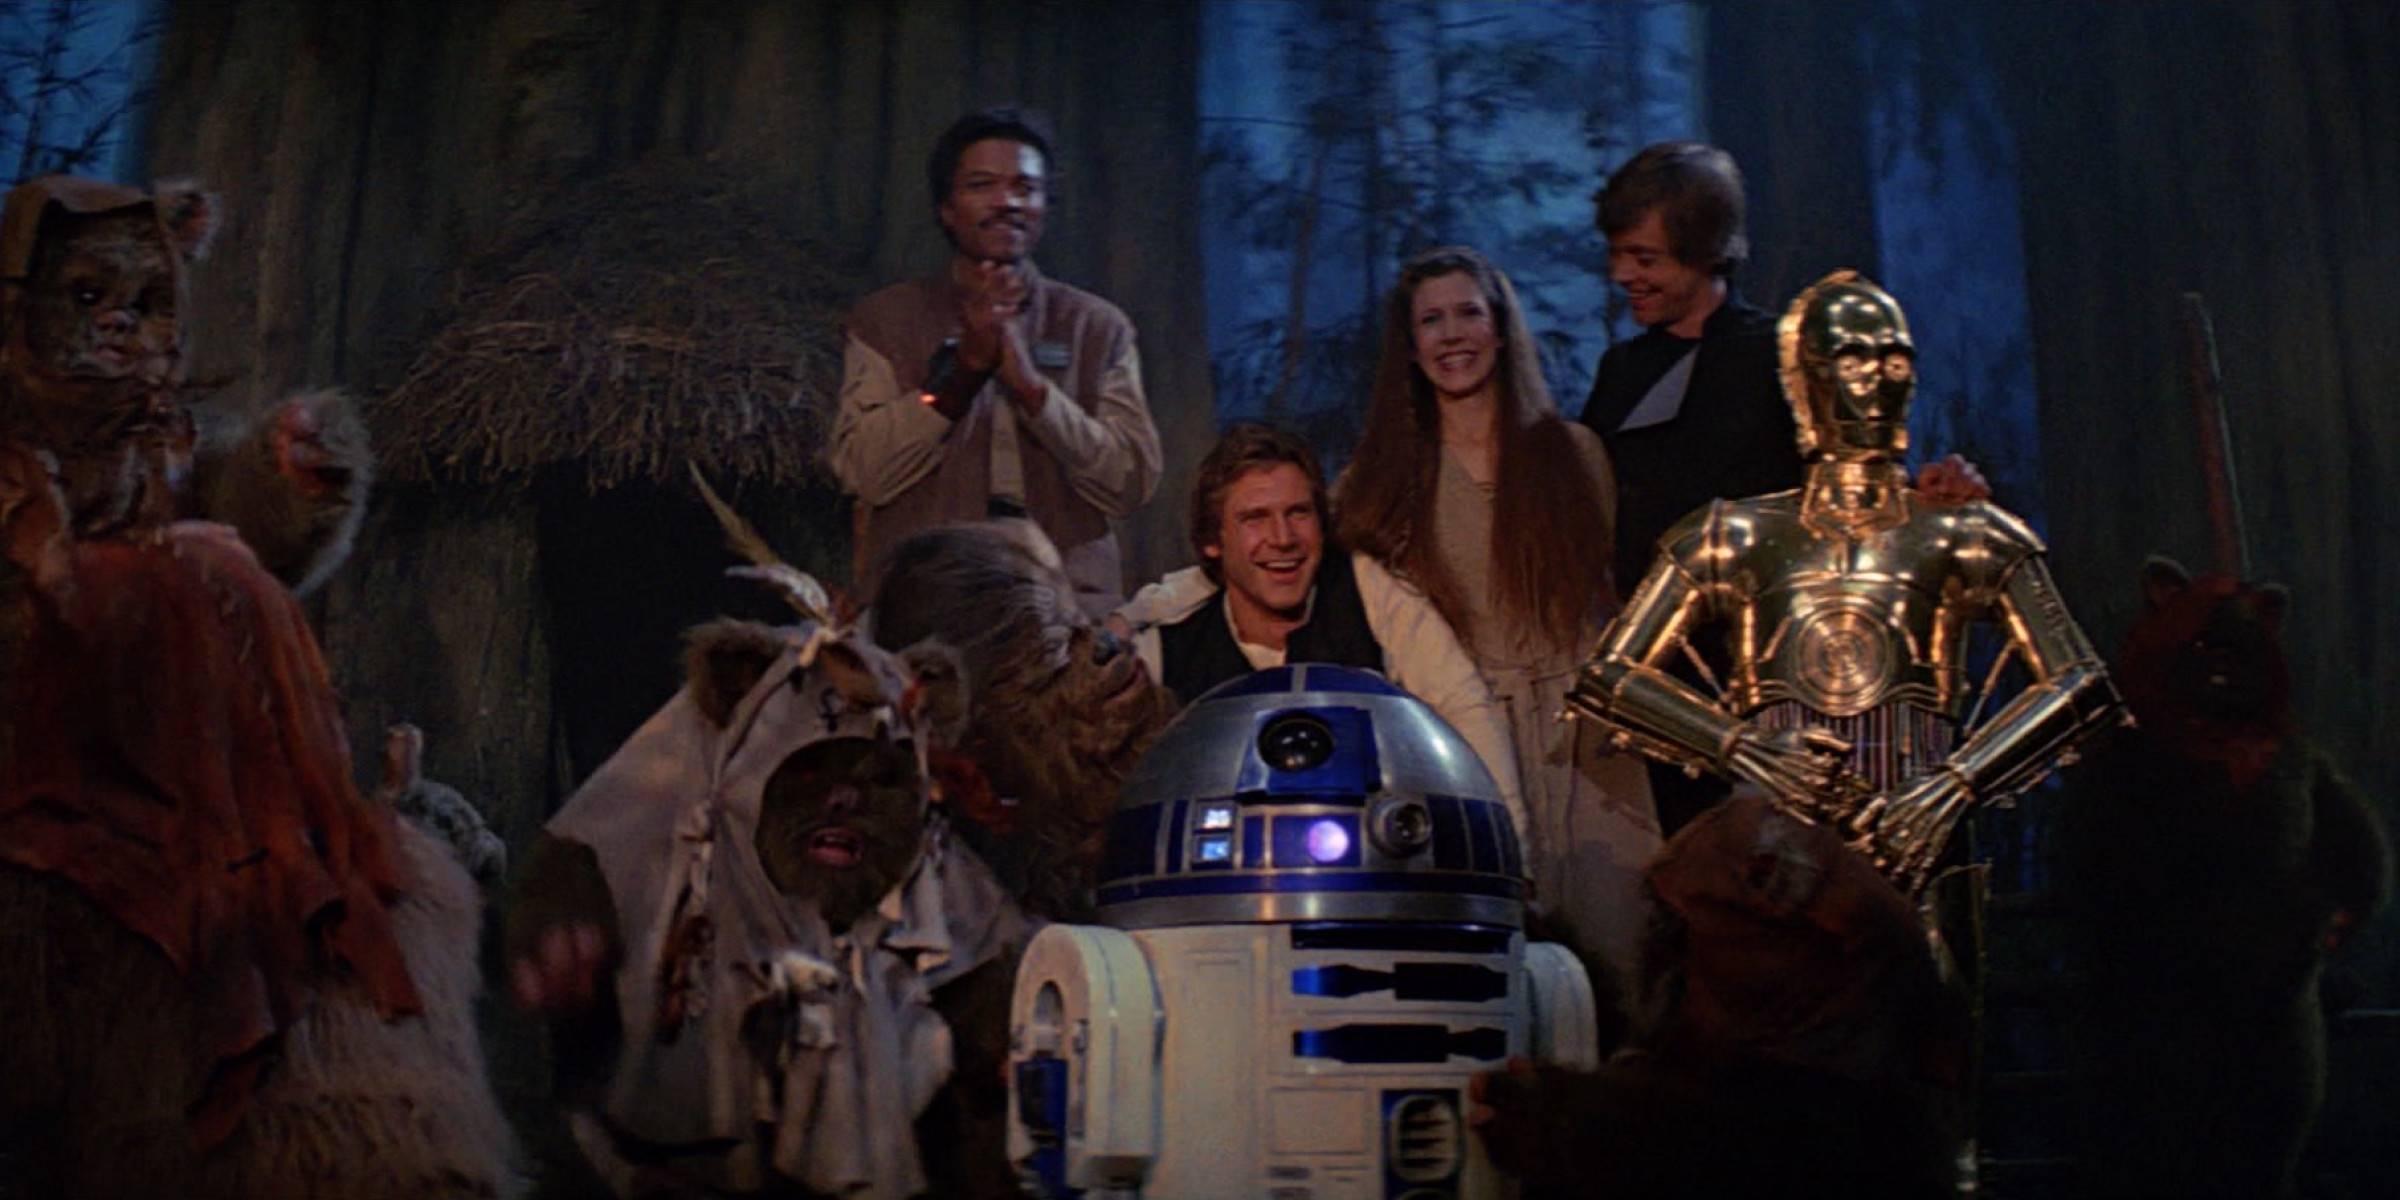 В Esquire раскритиковали «Звёздные войны» за сюжетные дыры. Авторы нашли, что им ответить! 2